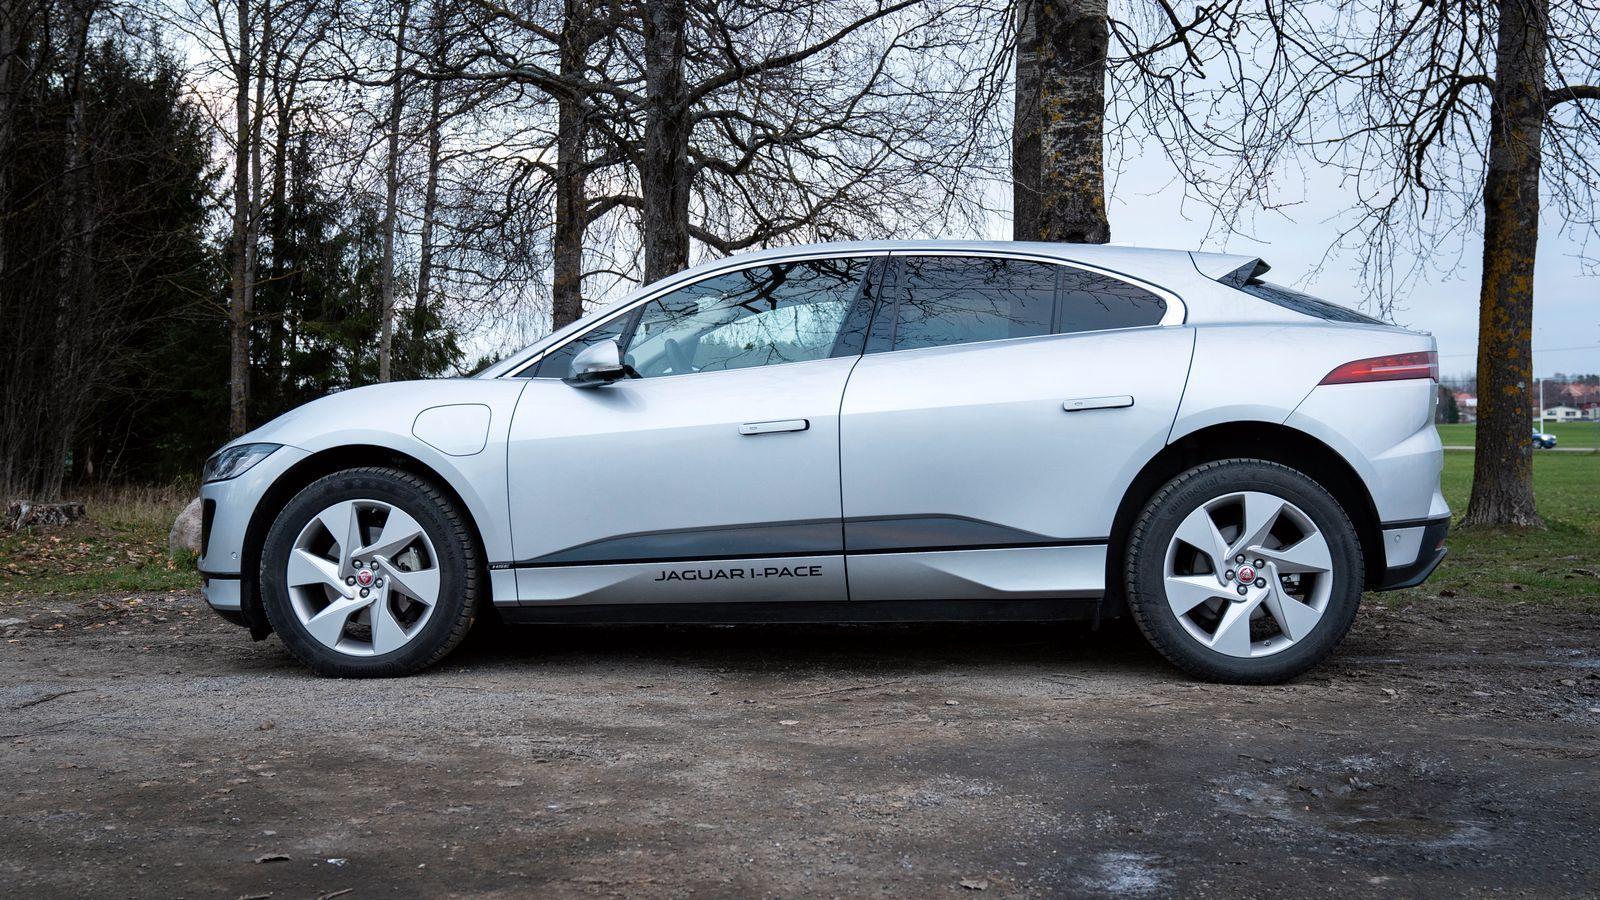 En ny og rimeligere modell av Jaguar i-Pace er lansert som Limited Edition, og kan bestilles ut året. Eneste forskjell sammenliknet med den «vanlige» modellen er noen færre hestekrefter.